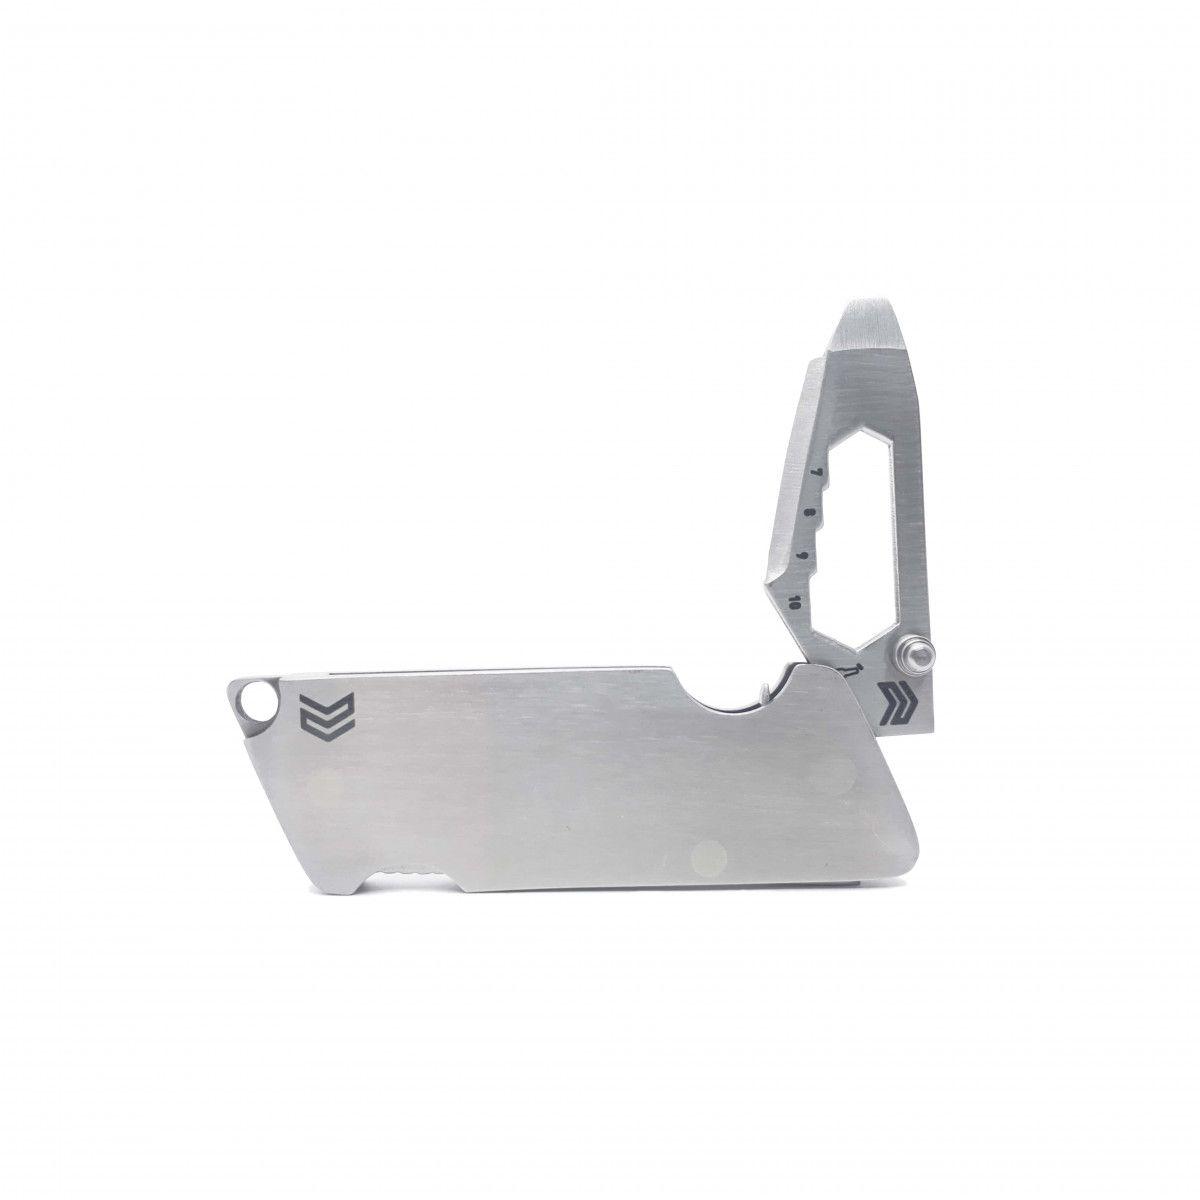 Canivete Cimo Inox E-Cimo Tool 9 funções